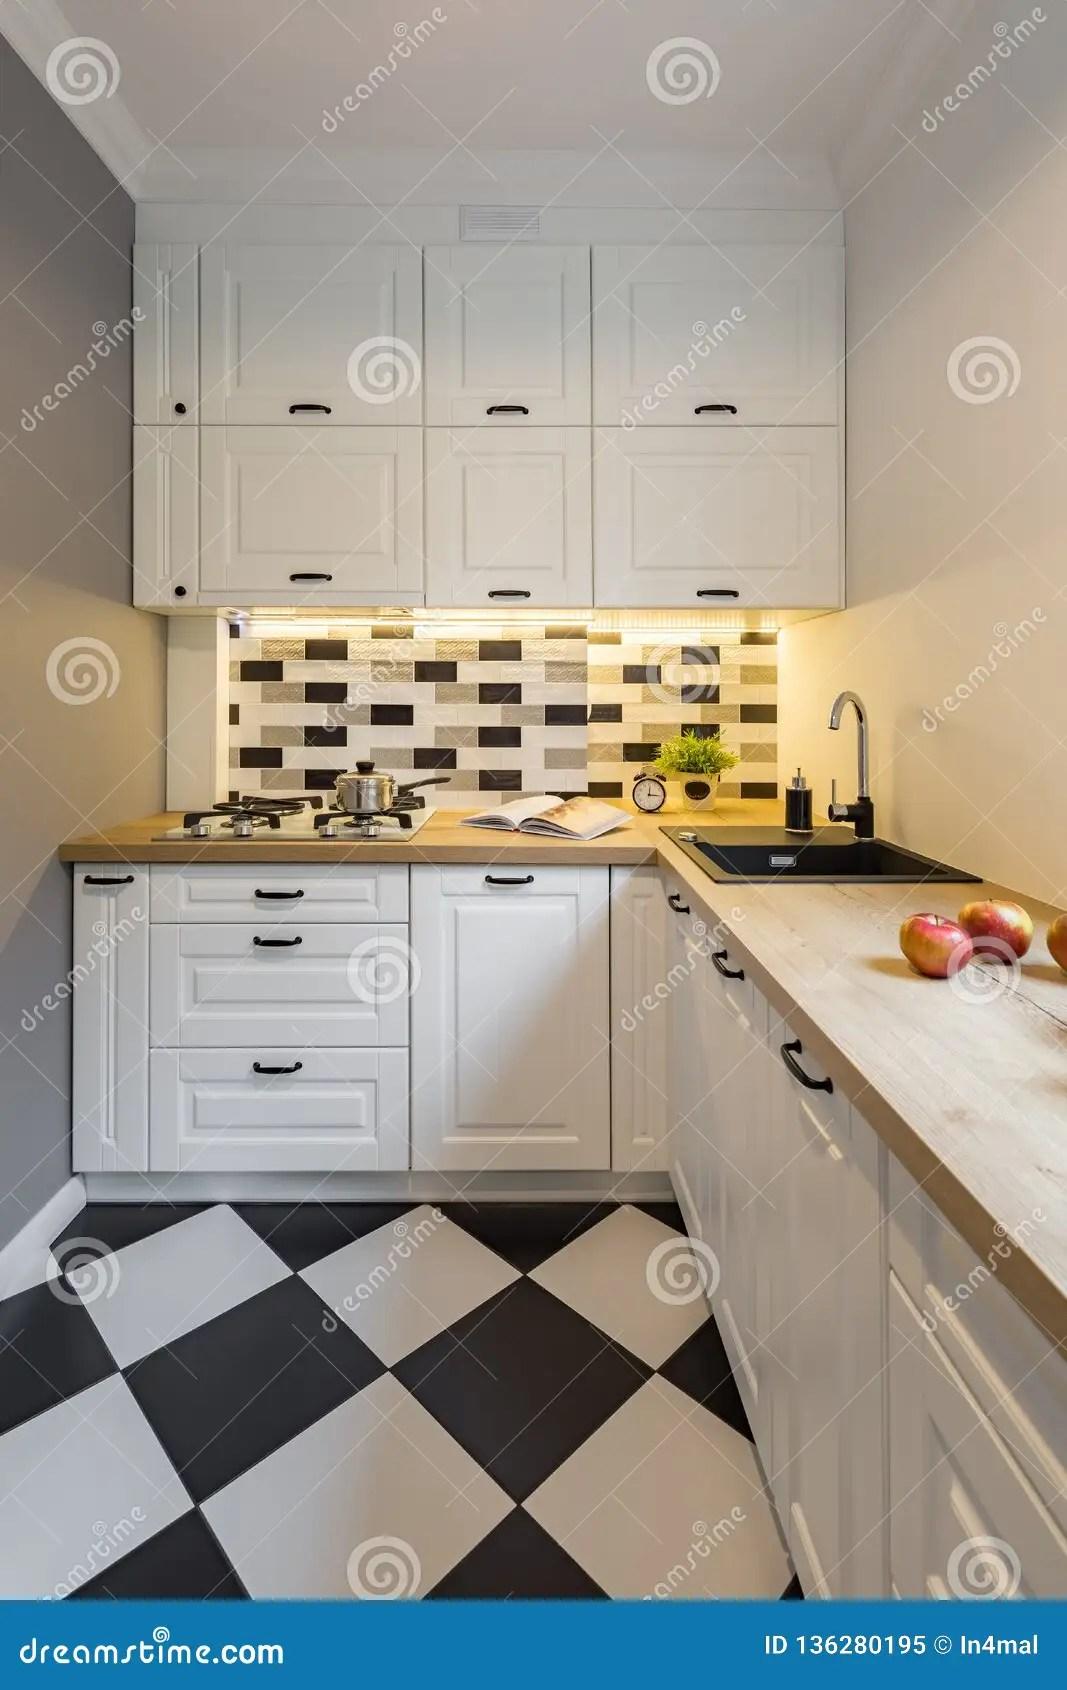 Pavimento Cucina   40 Immagini Idea Di Pavimenti In Legno Per Cucina